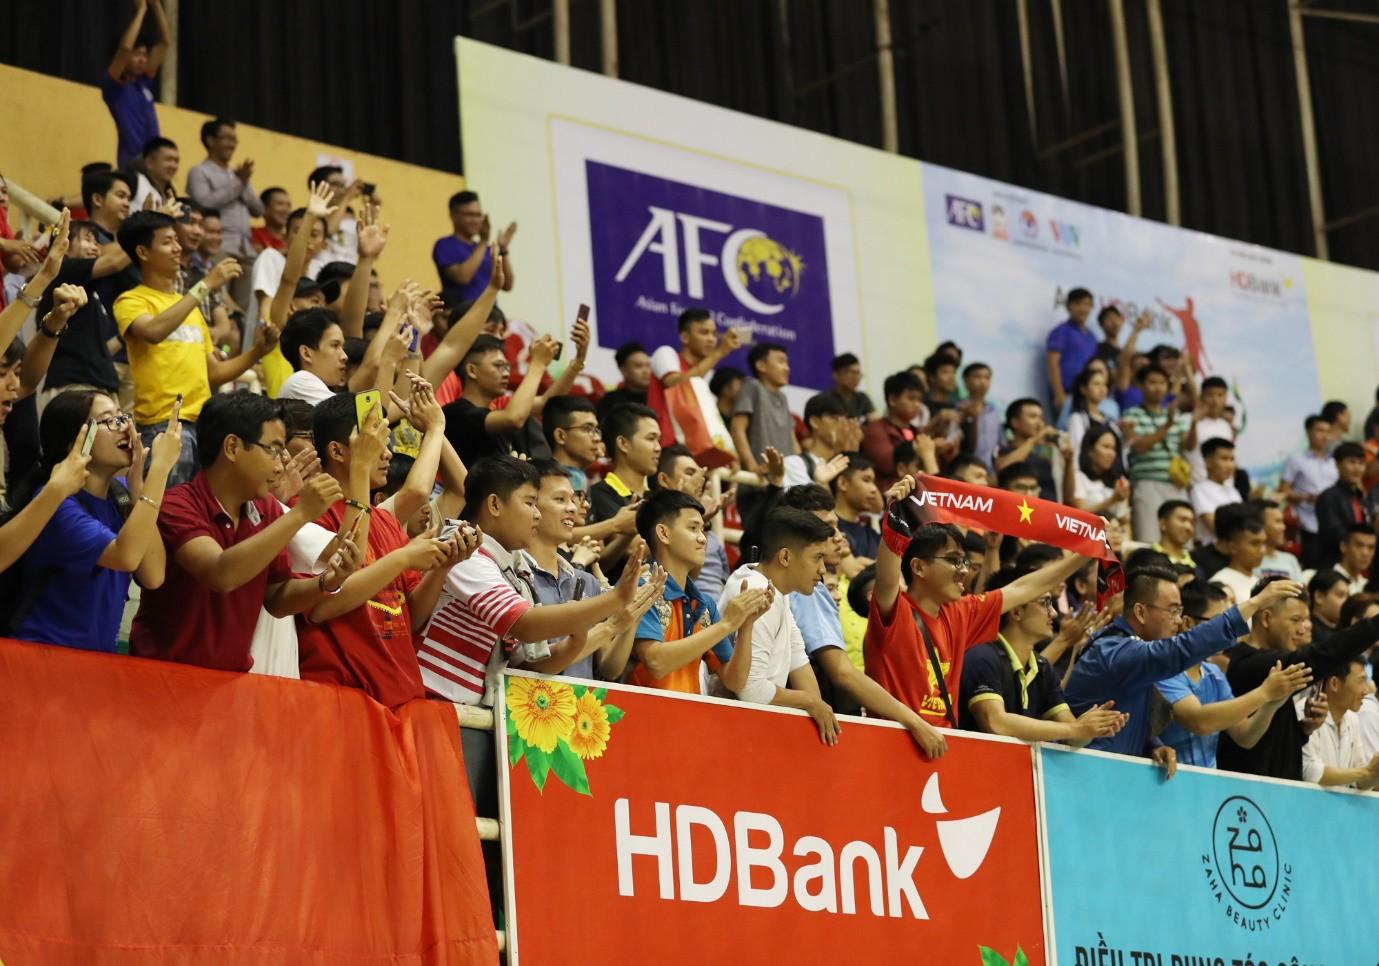 Thắng 2-0 Úc, tuyển futsal thắp lên hi vọng đưa Việt Nam trở lại World Cup - Ảnh 2.